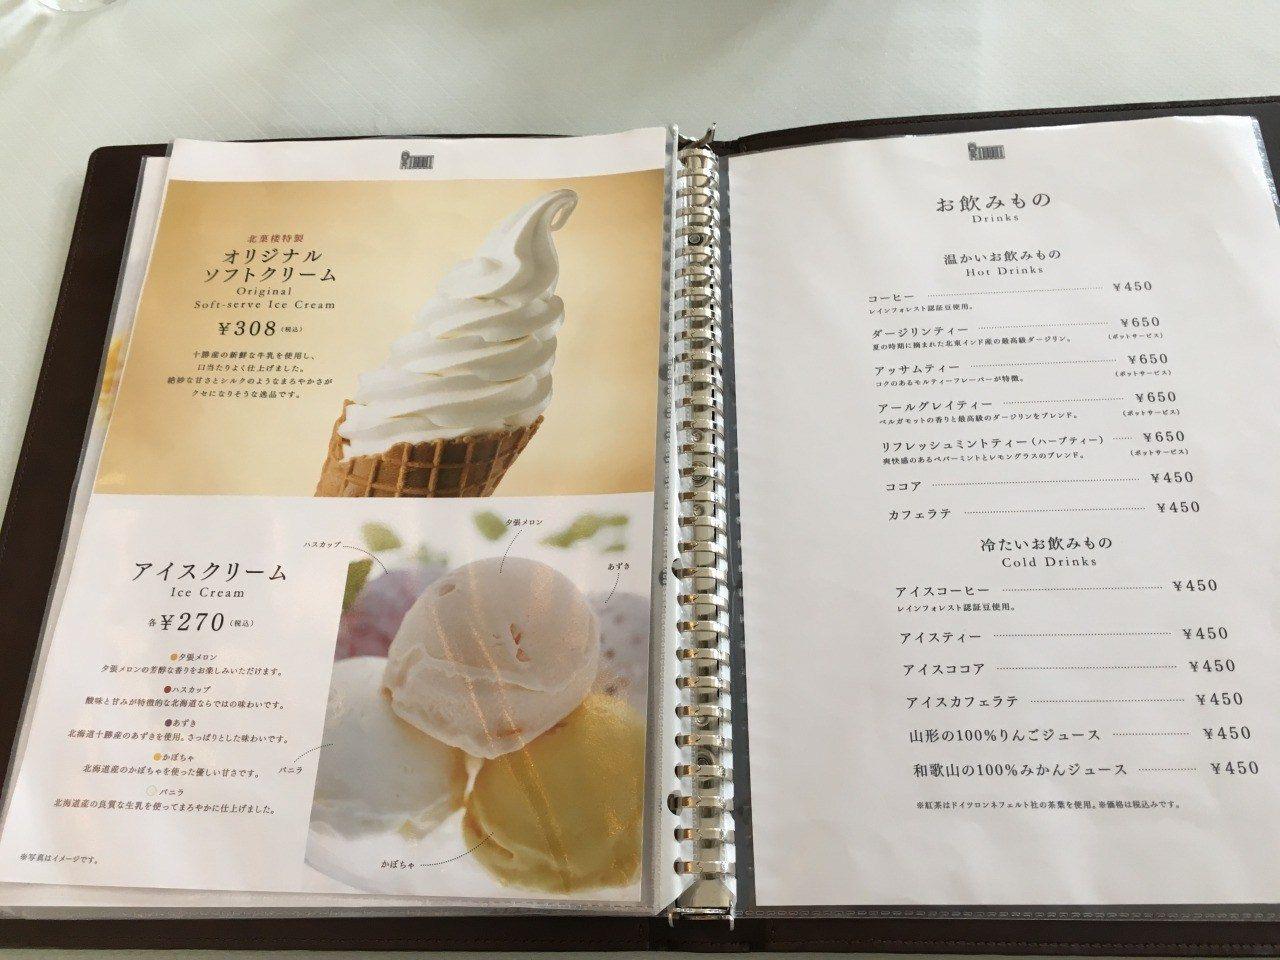 冰淇淋(308日圓)